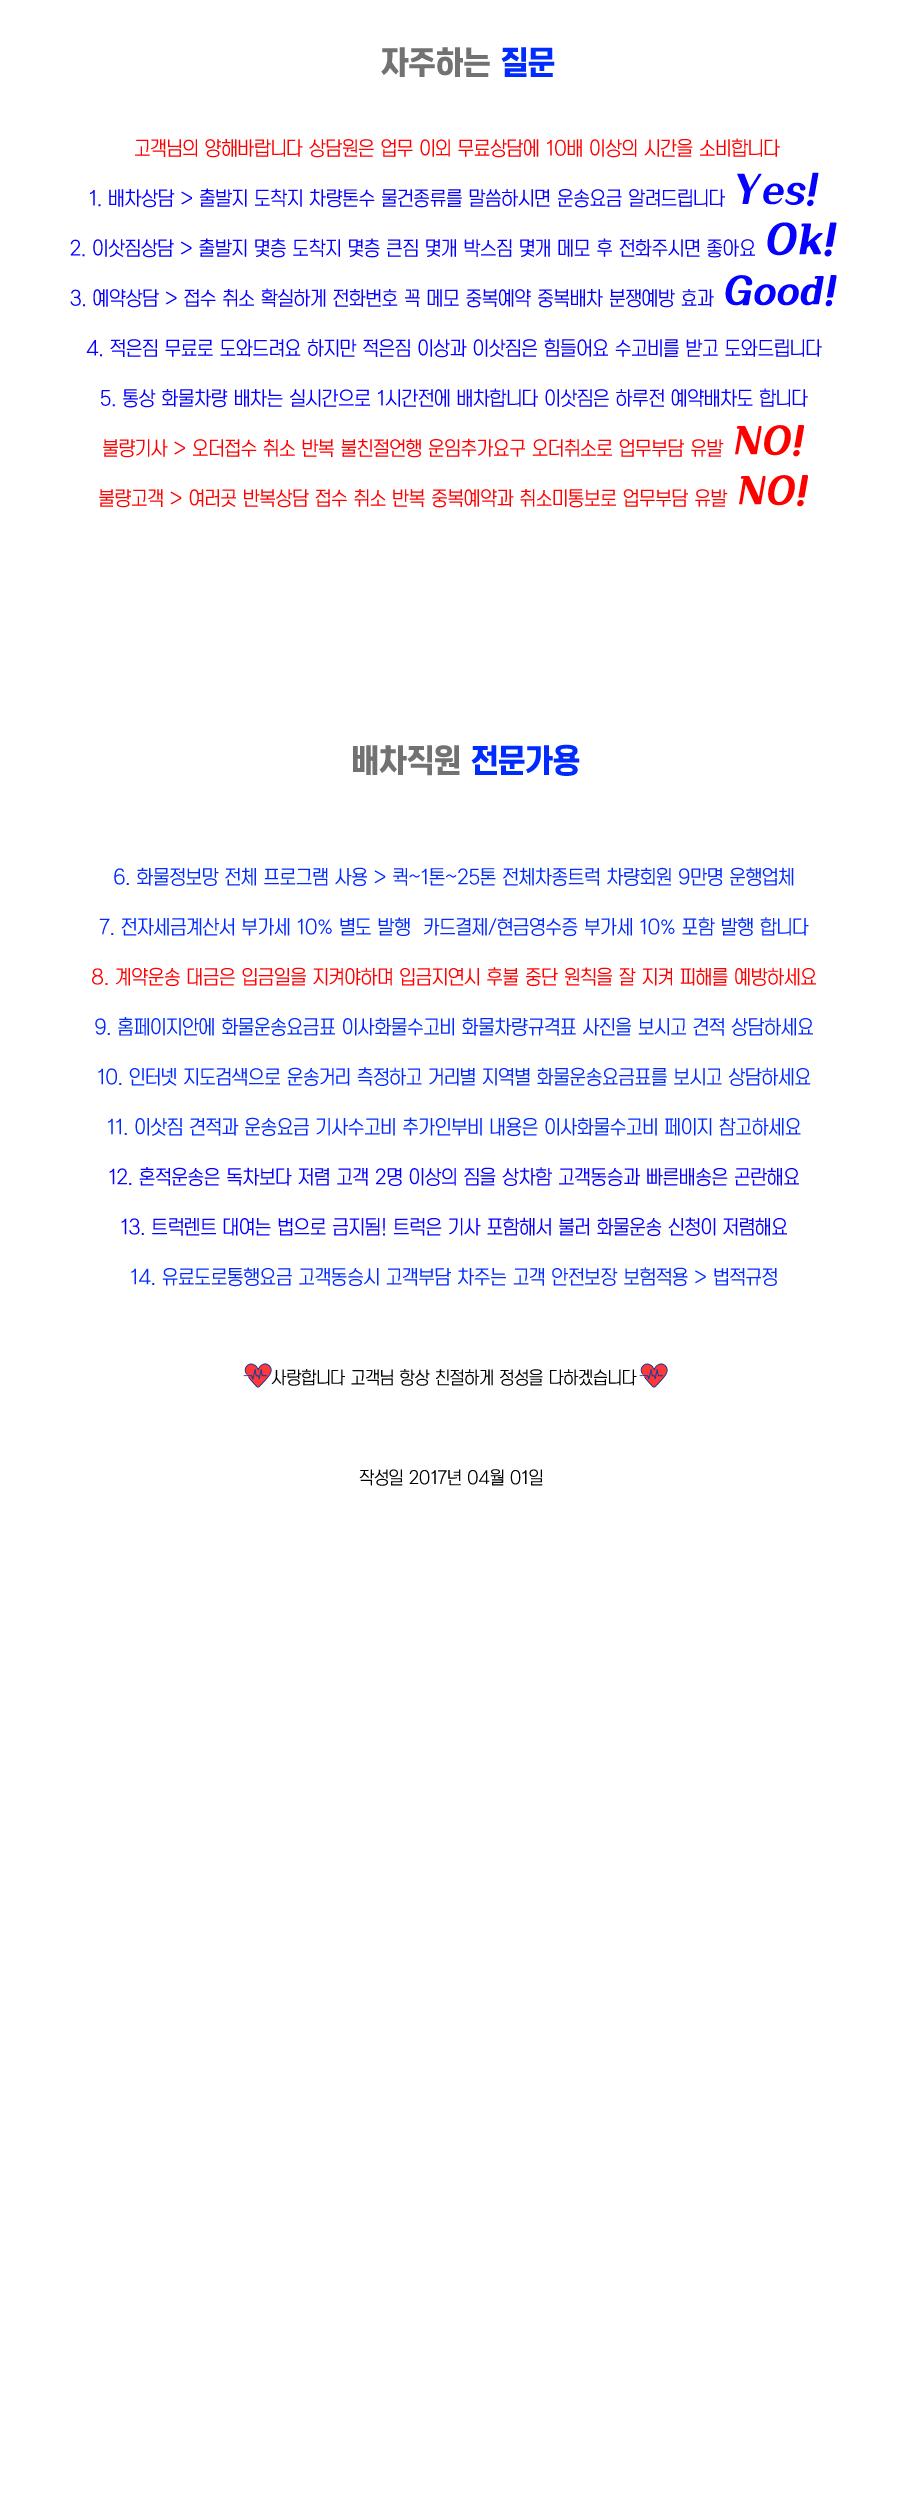 통합 자주하는질문 170522 copy.png